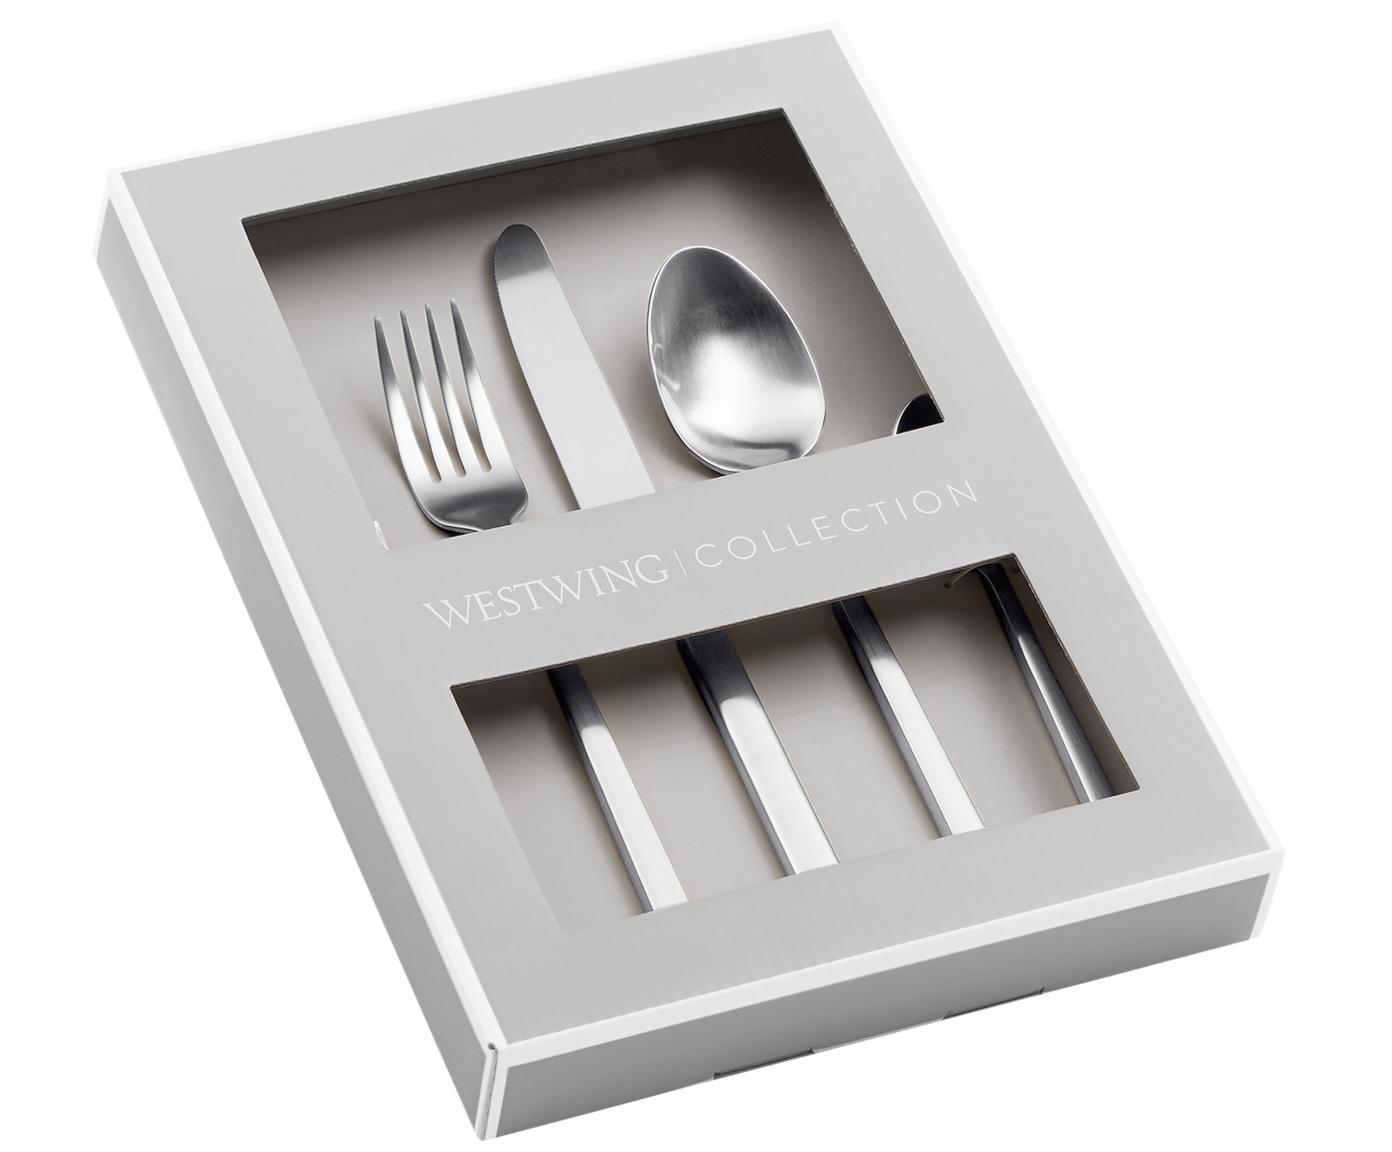 Silberglänzendes Besteck-Set Shine aus Edelstahl, in verschiedenen Setgrößen, Messer: Edelstahl 13/0 poliert, Edelstahl, 4 Personen (20-tlg.)